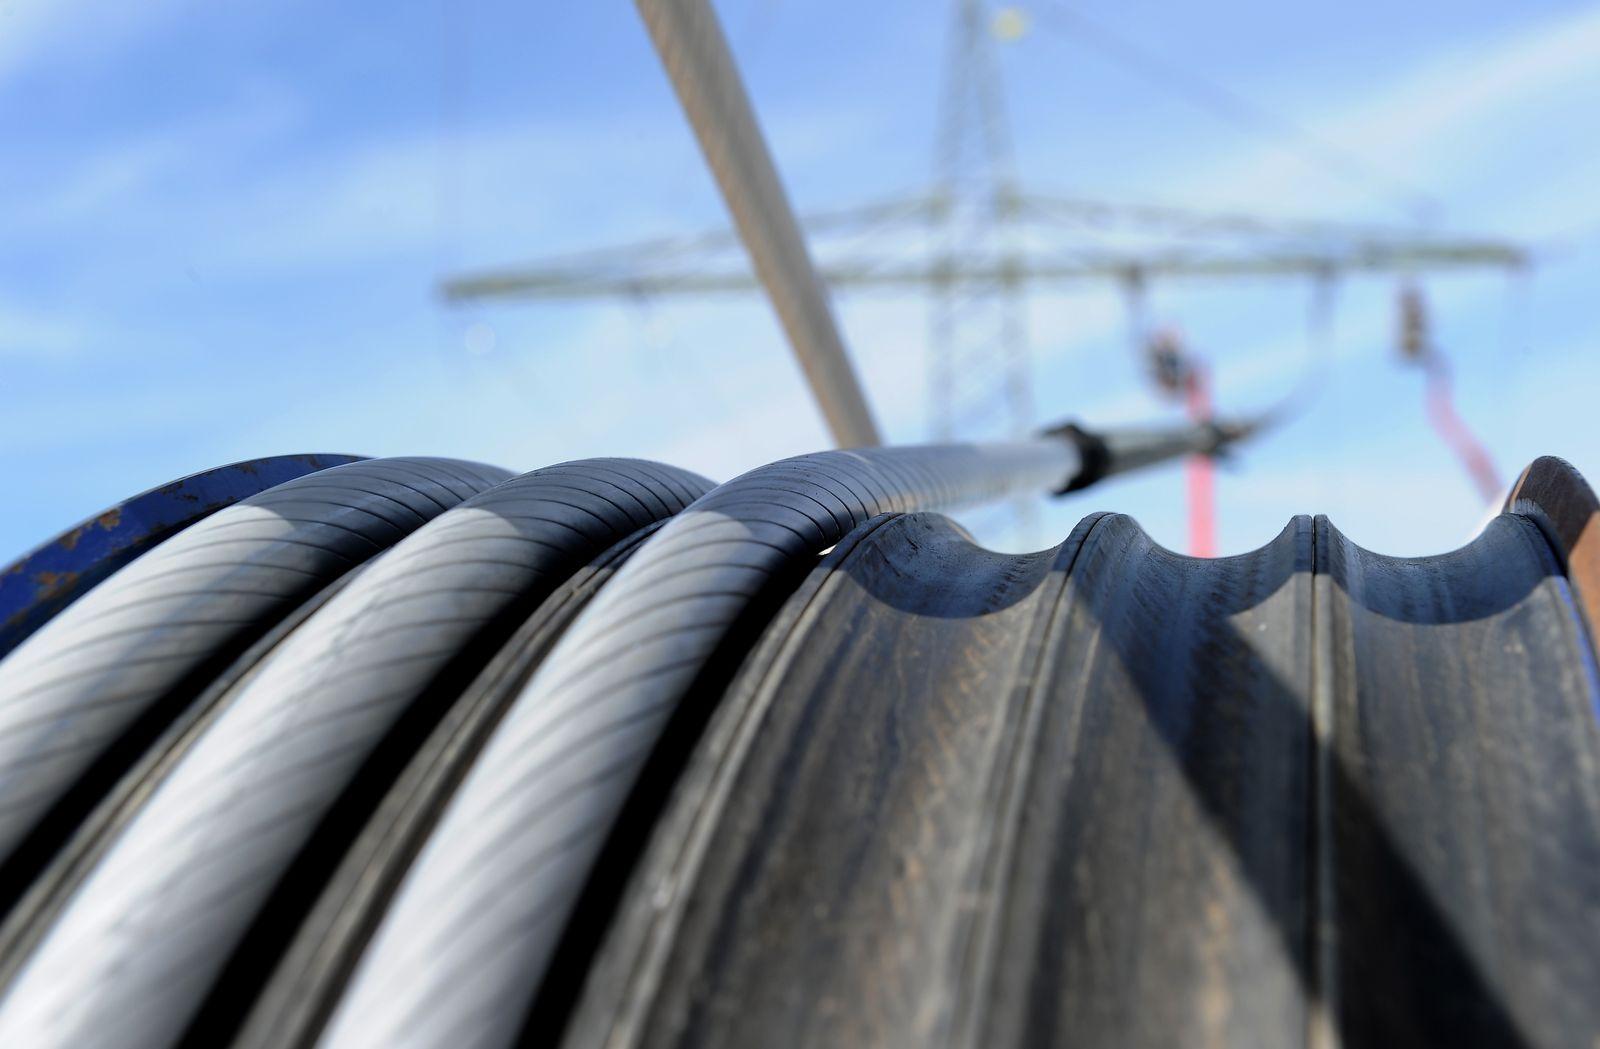 NICHT VERWENDEN Strom / Strommast / Stromtrasse / Energie